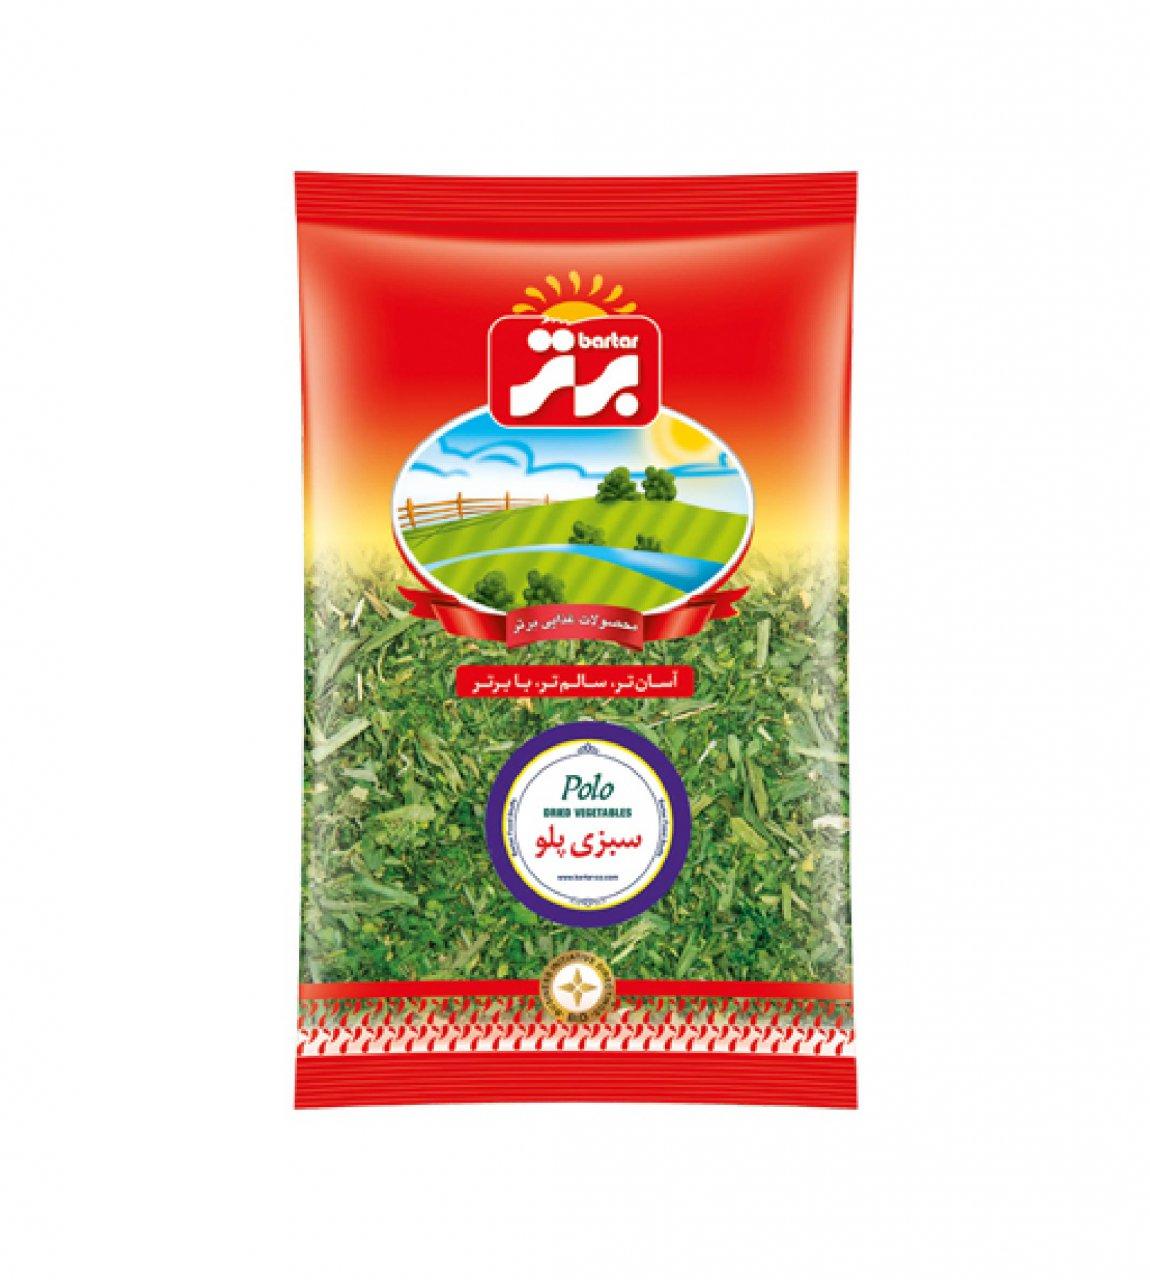 سبزی پلو 70 گرم برتر